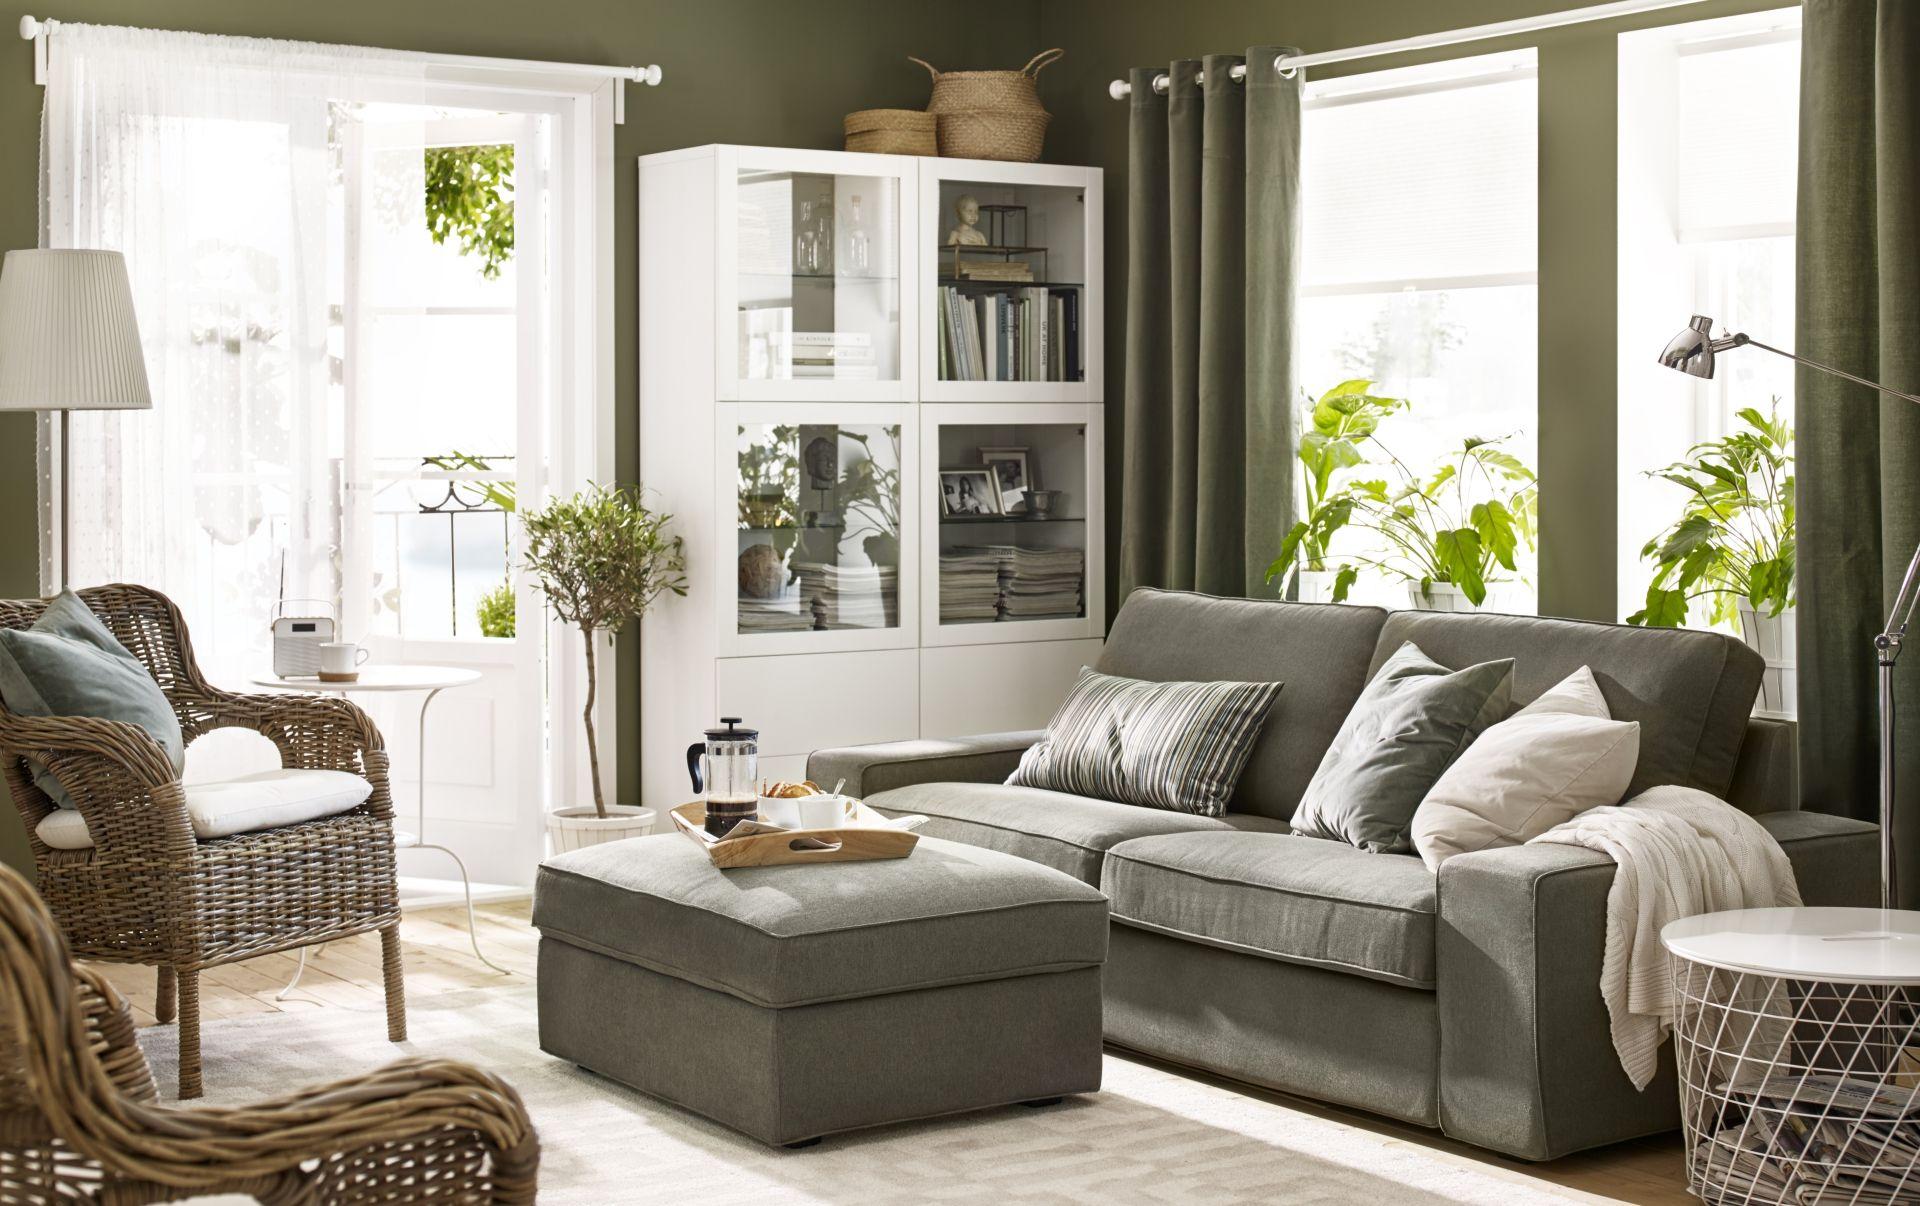 Grijze Woonkamer Inrichten : Woonkamer grijs groen design woonkamer inrichten tien tips voor